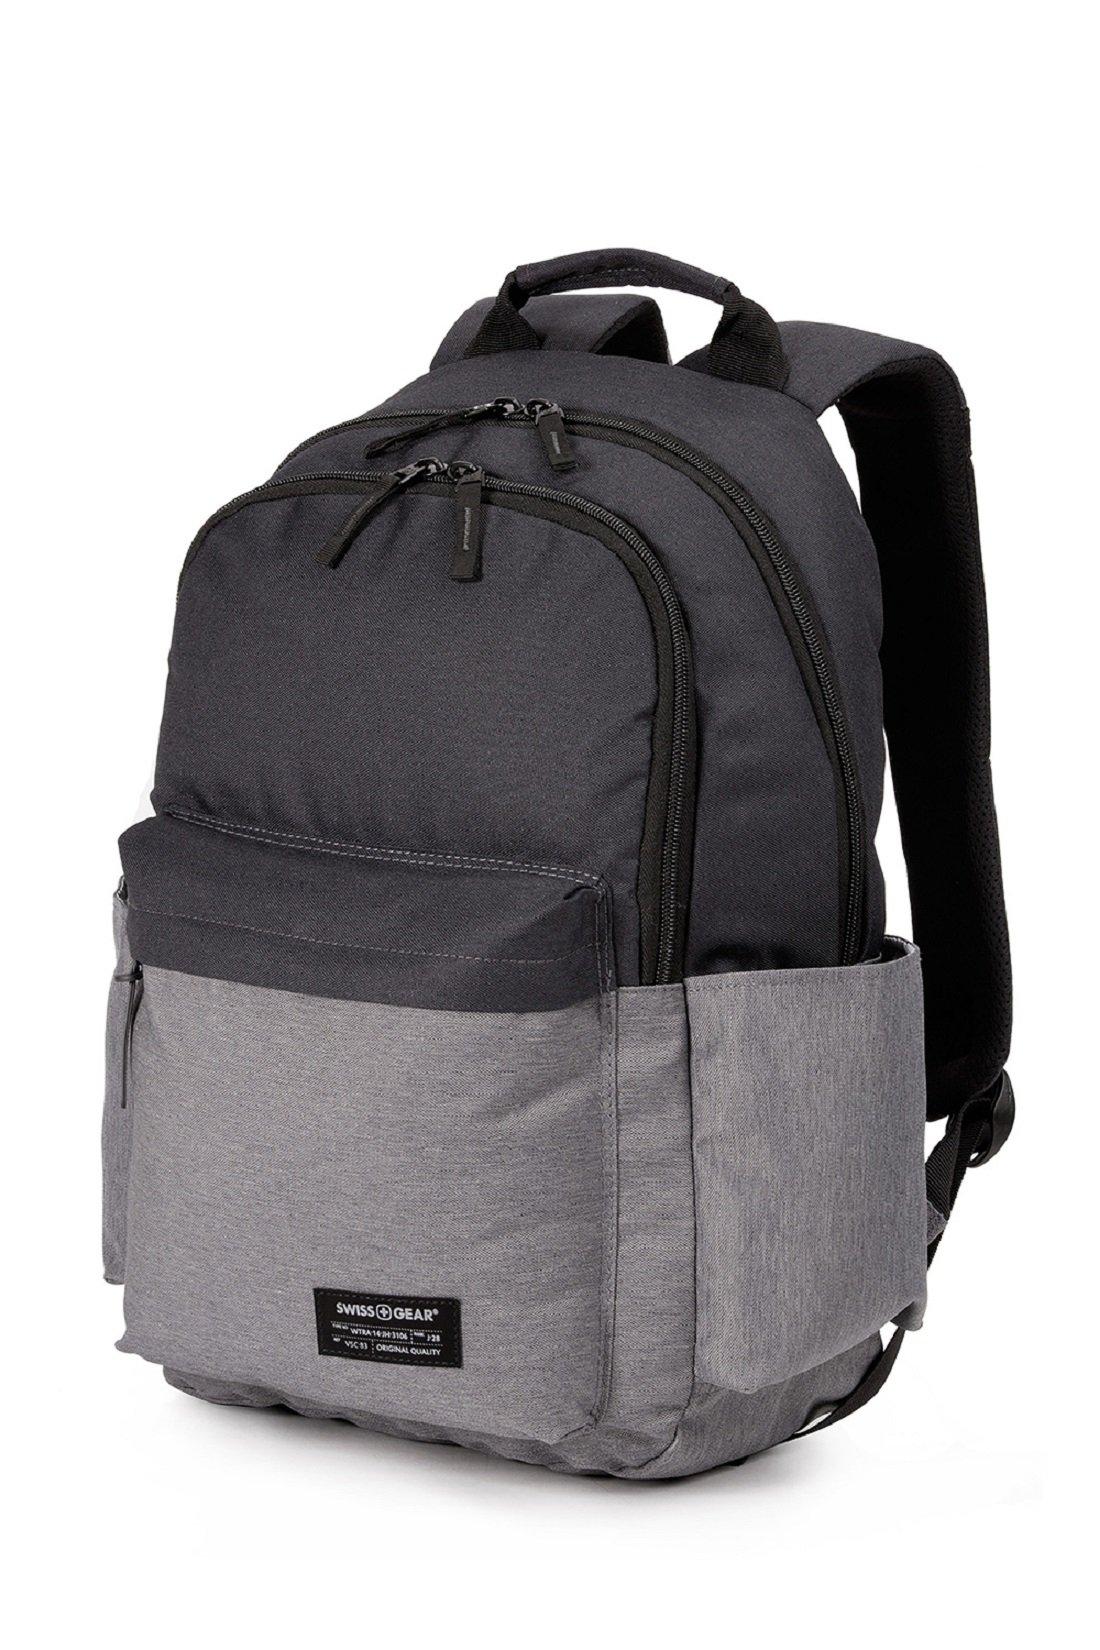 SWISSGEAR 2789 Laptop School College Backpack-Black/Gray by Swiss Gear